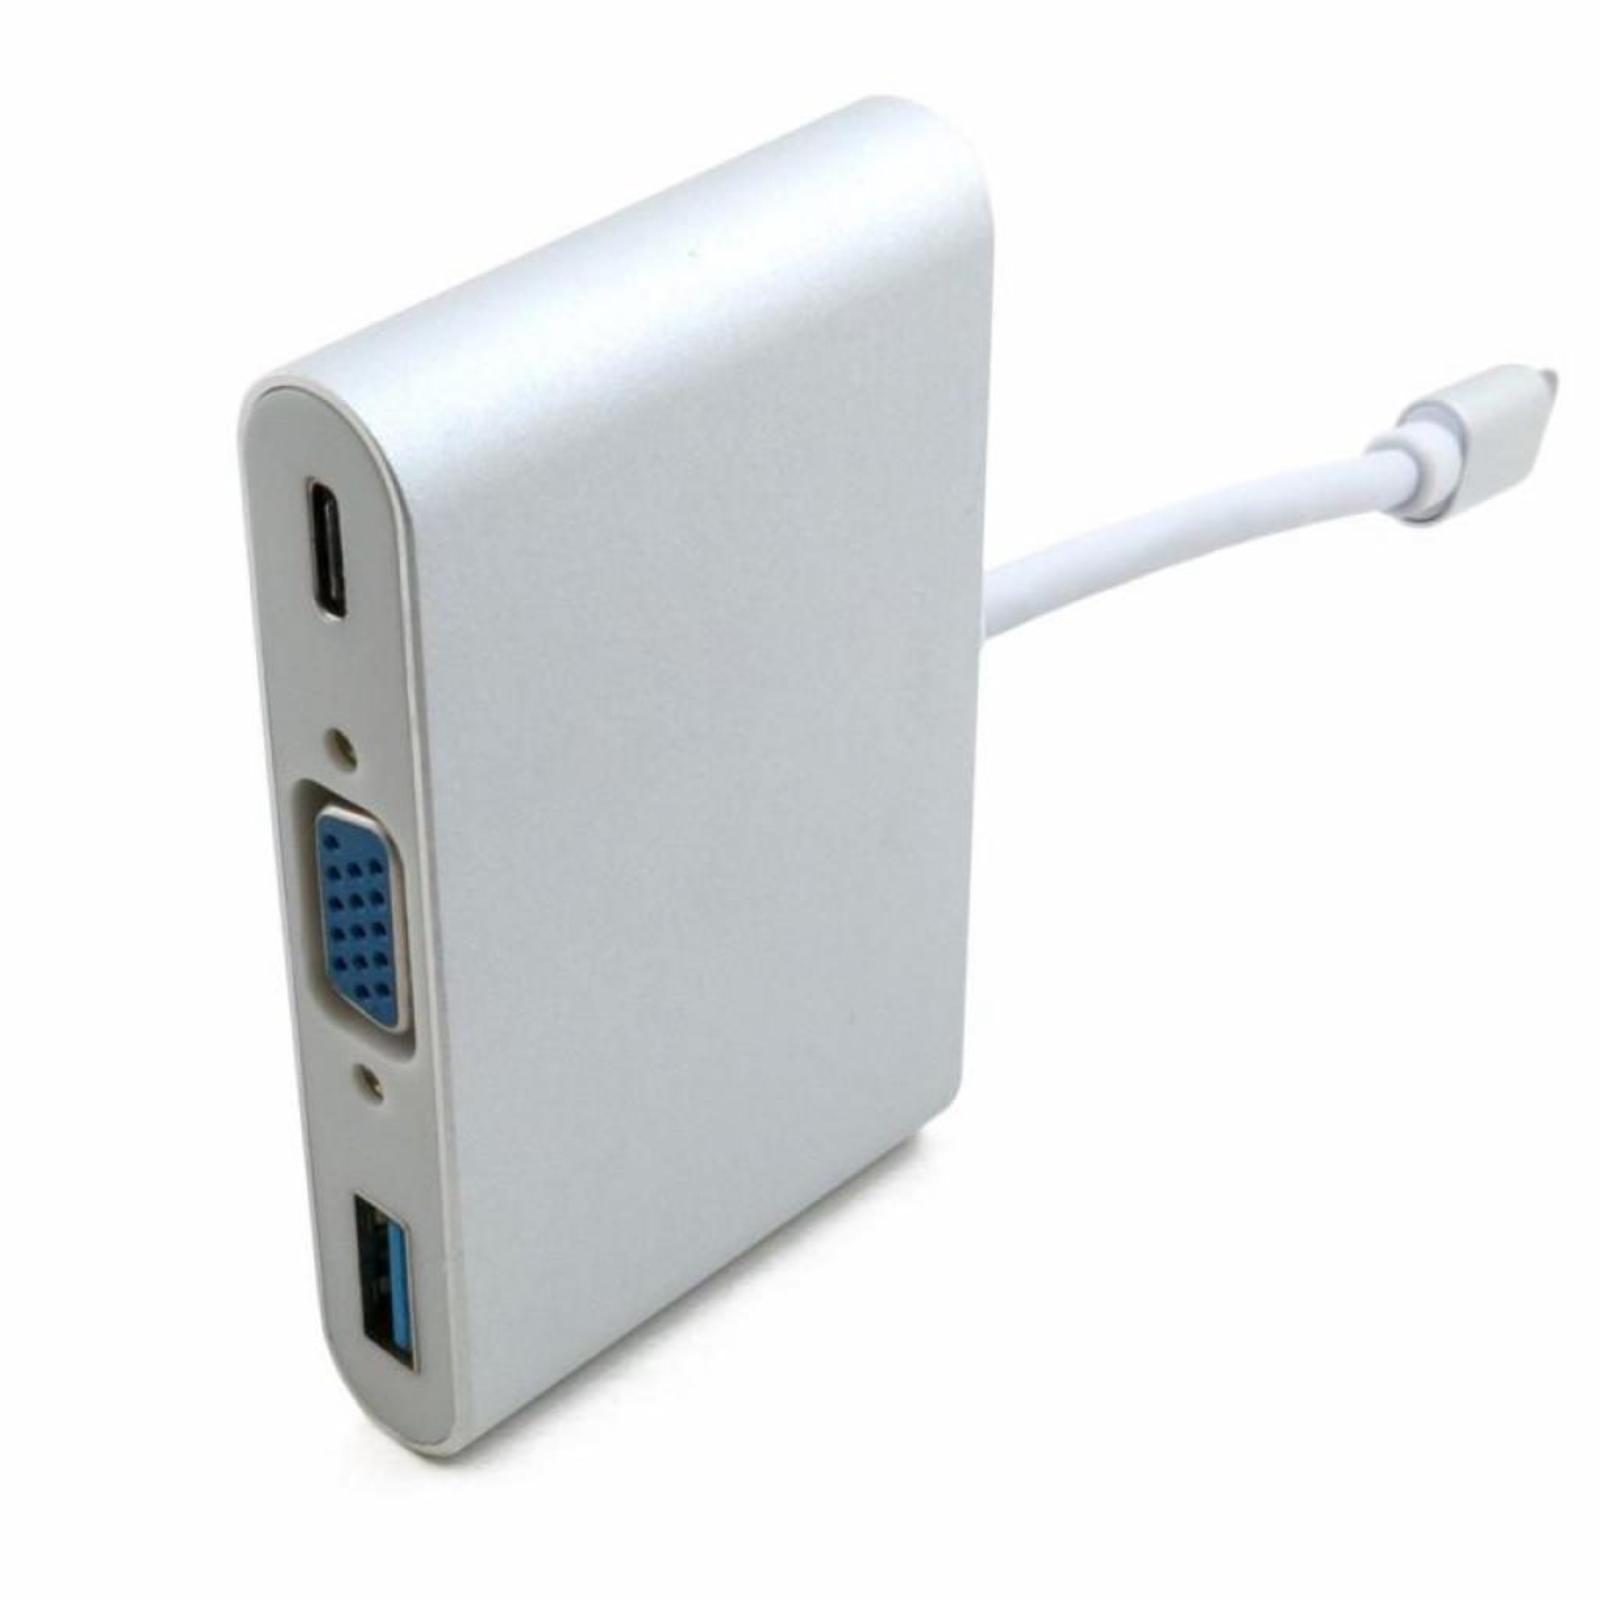 Порт-репликатор Extradigital USB Type-C to VGA/USB 3.0/Type-C (0.15m) (KBV1690) изображение 4